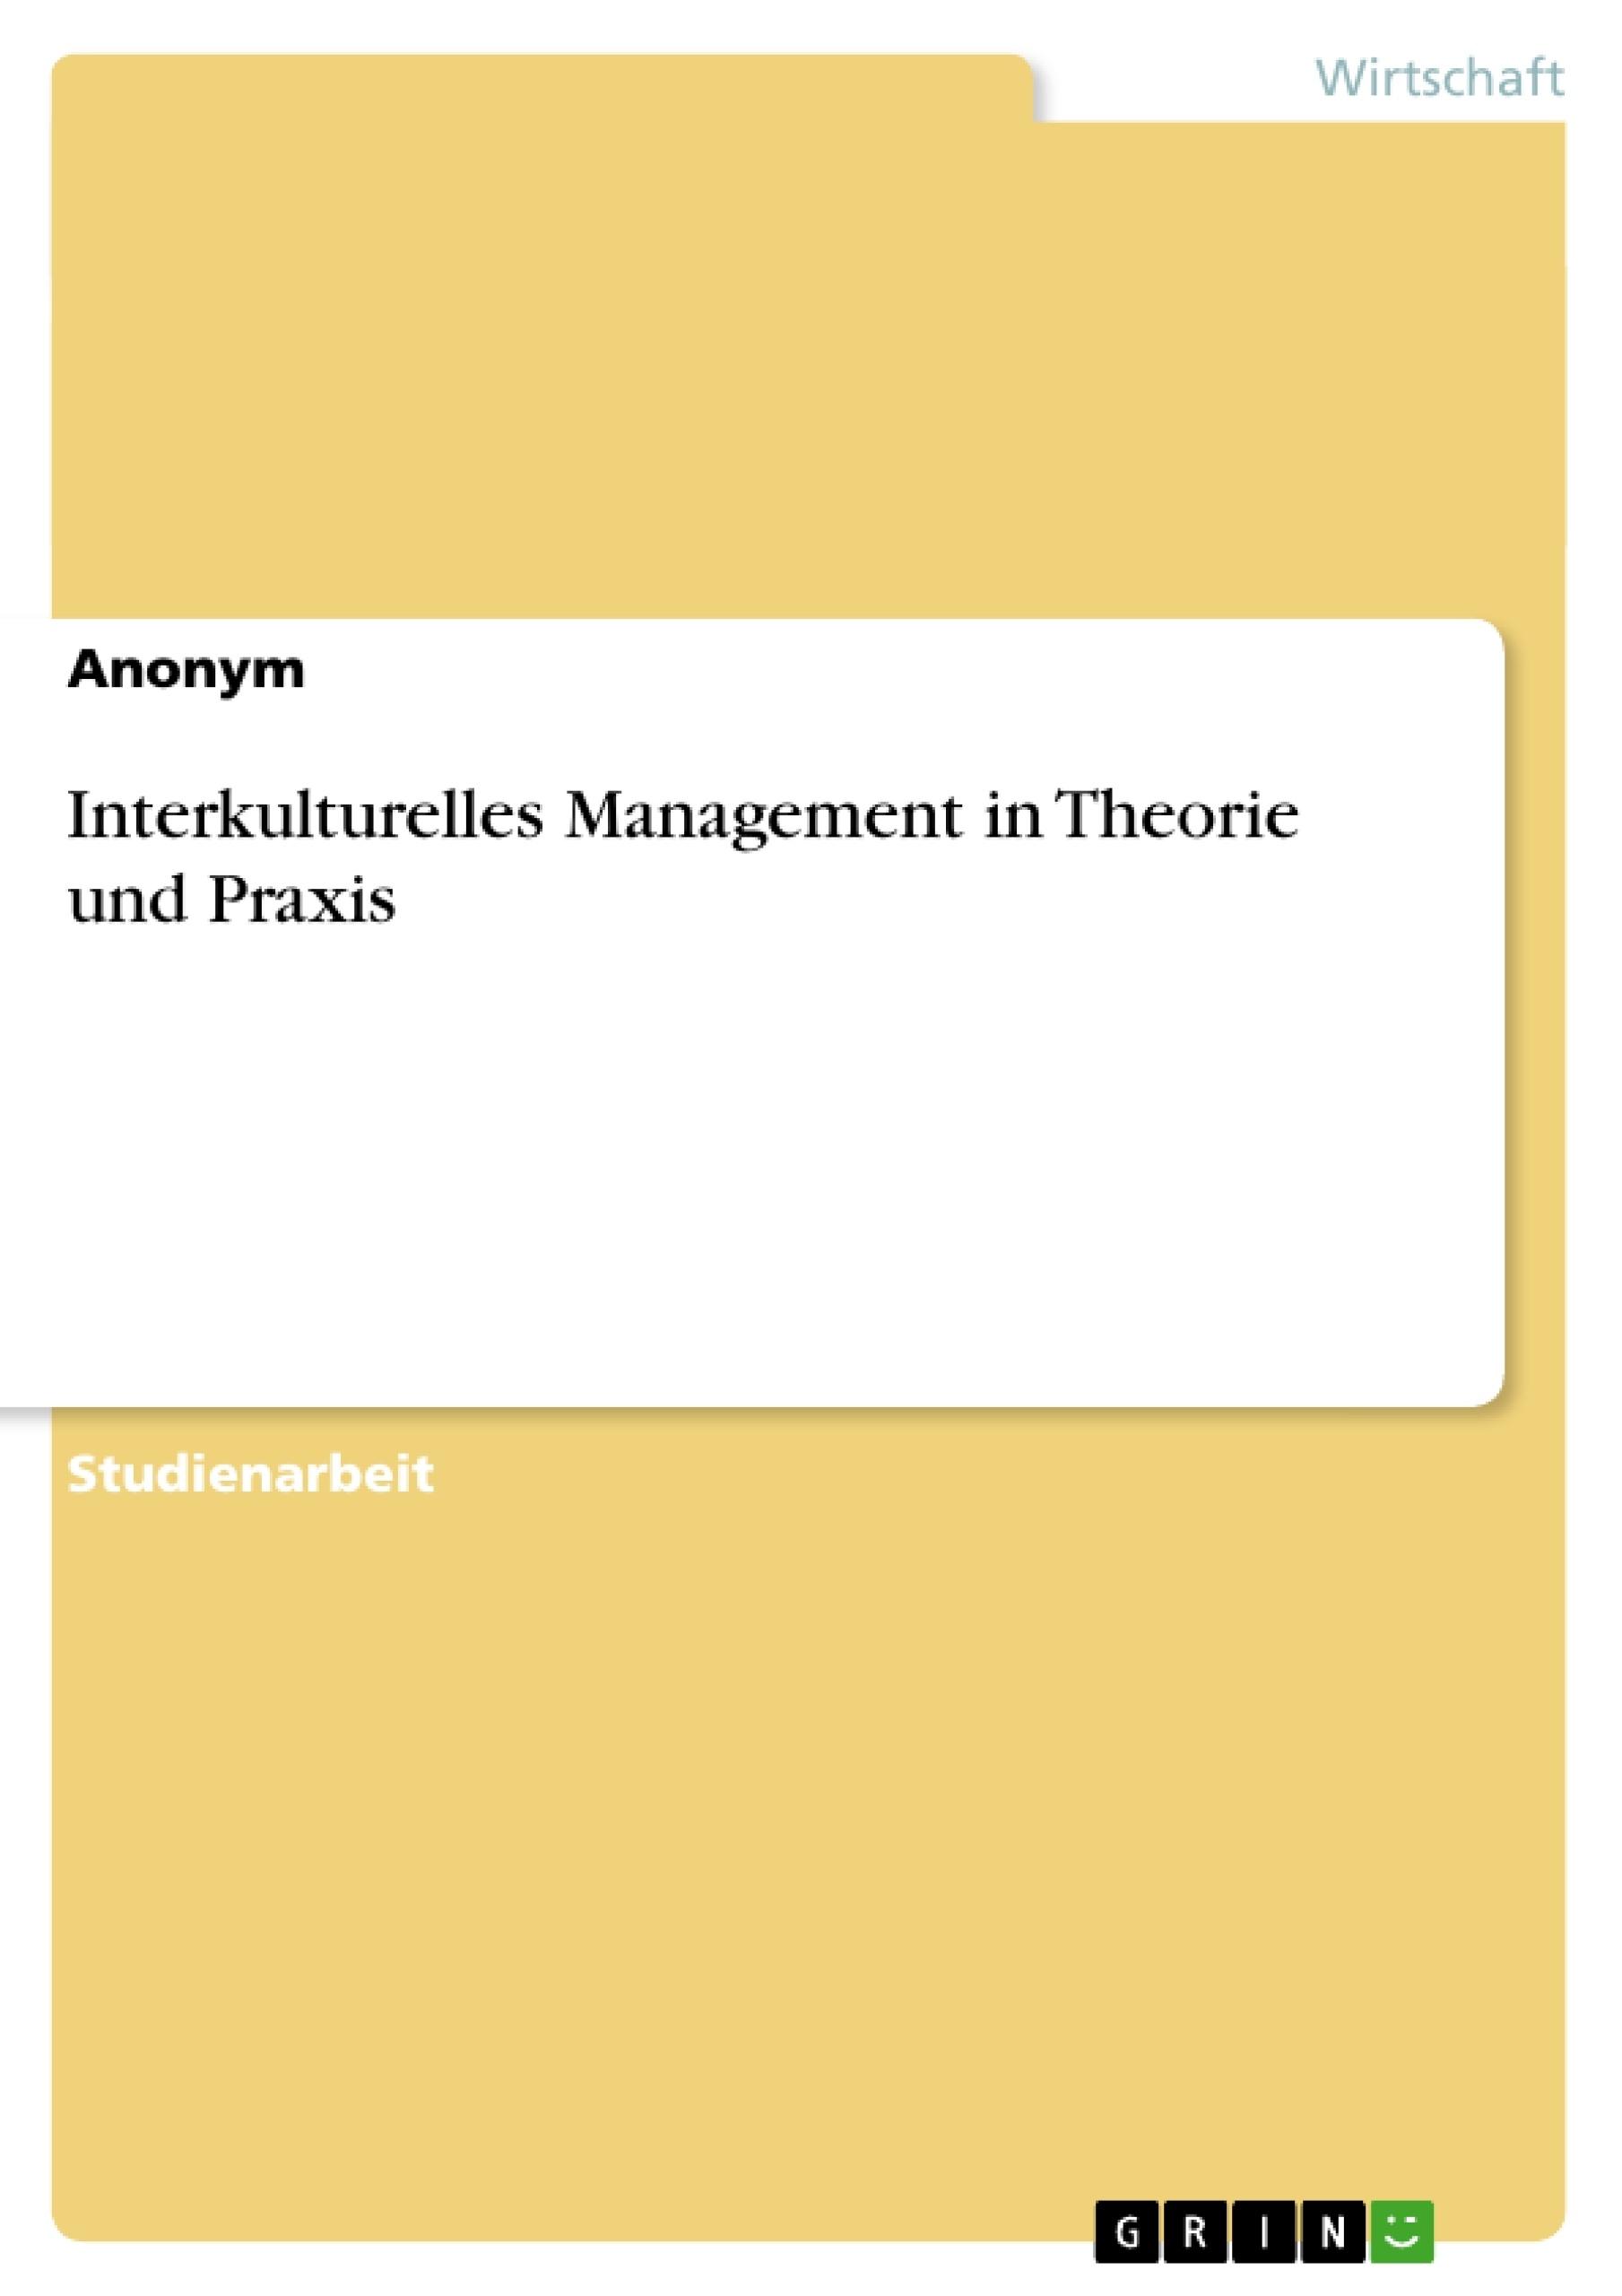 Titel: Interkulturelles Management in Theorie und Praxis